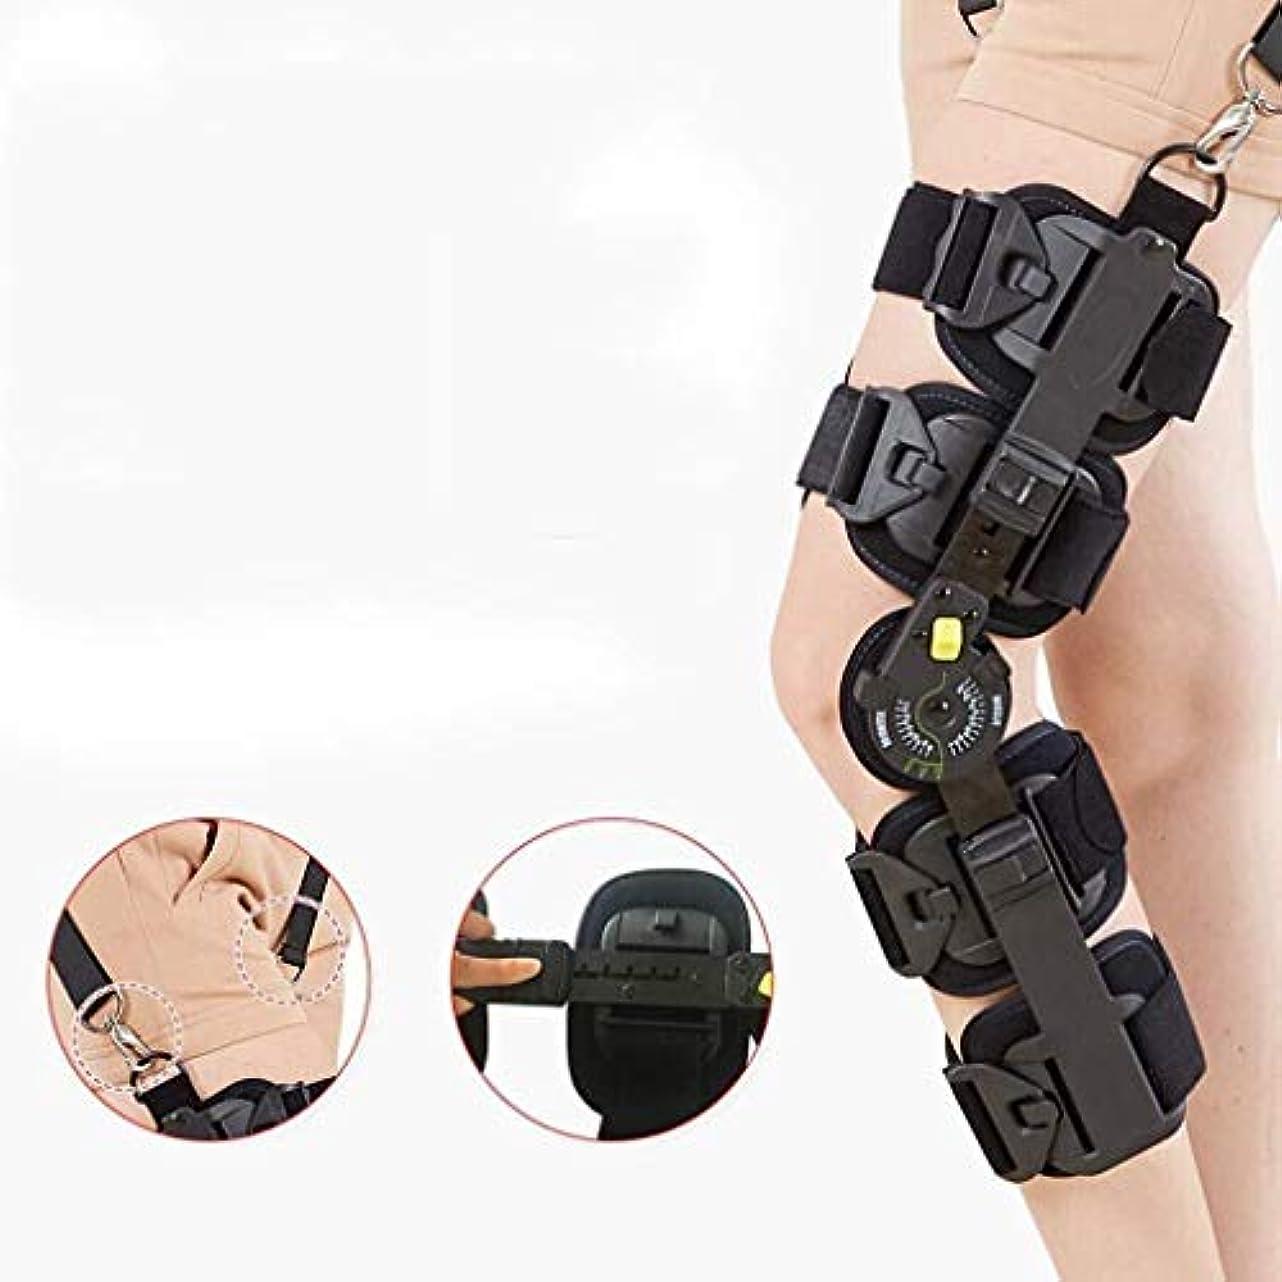 つかの間気体のメタリックヒンジ付き膝装具膝固定器装具脚装具整形外科膝蓋骨サポート装具、術後ケア用の半月板靭帯損傷